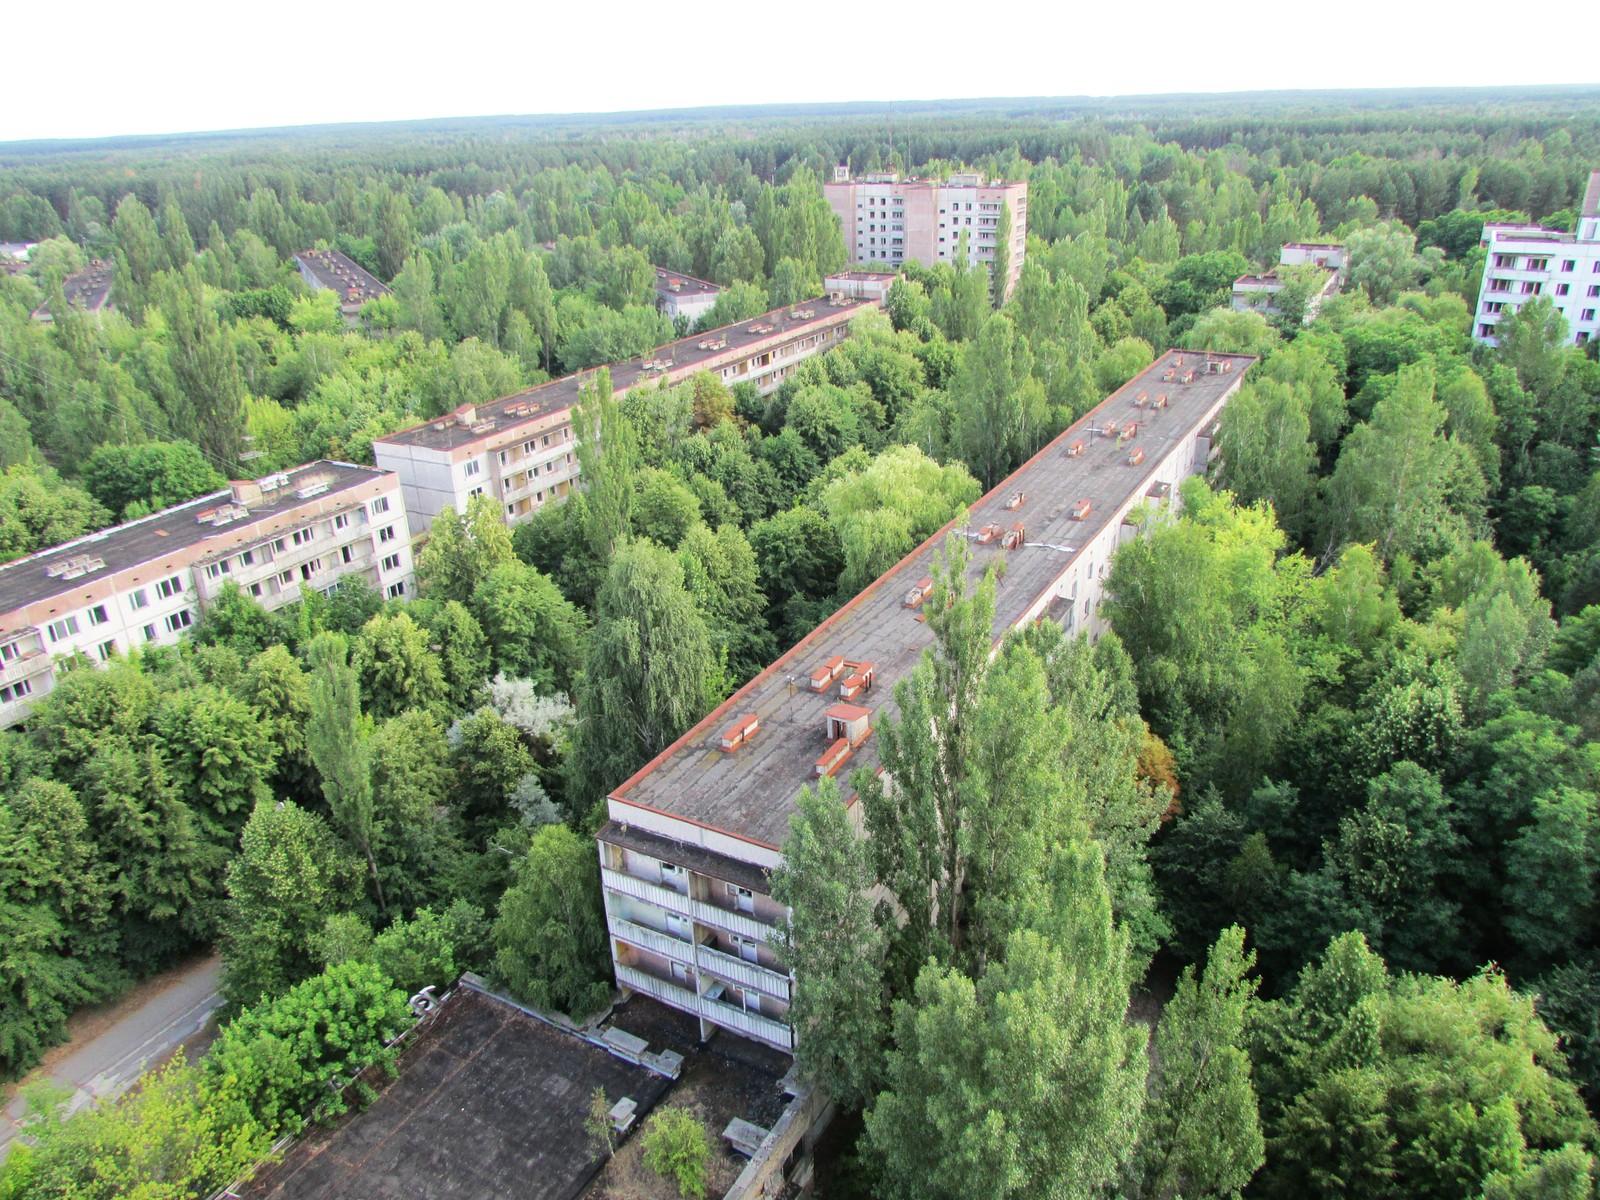 I de 30 årene som har gått siden katastrofen har bjerketrærne vokst seg høyere enn de fem etasjers blokkene i Pripyat.